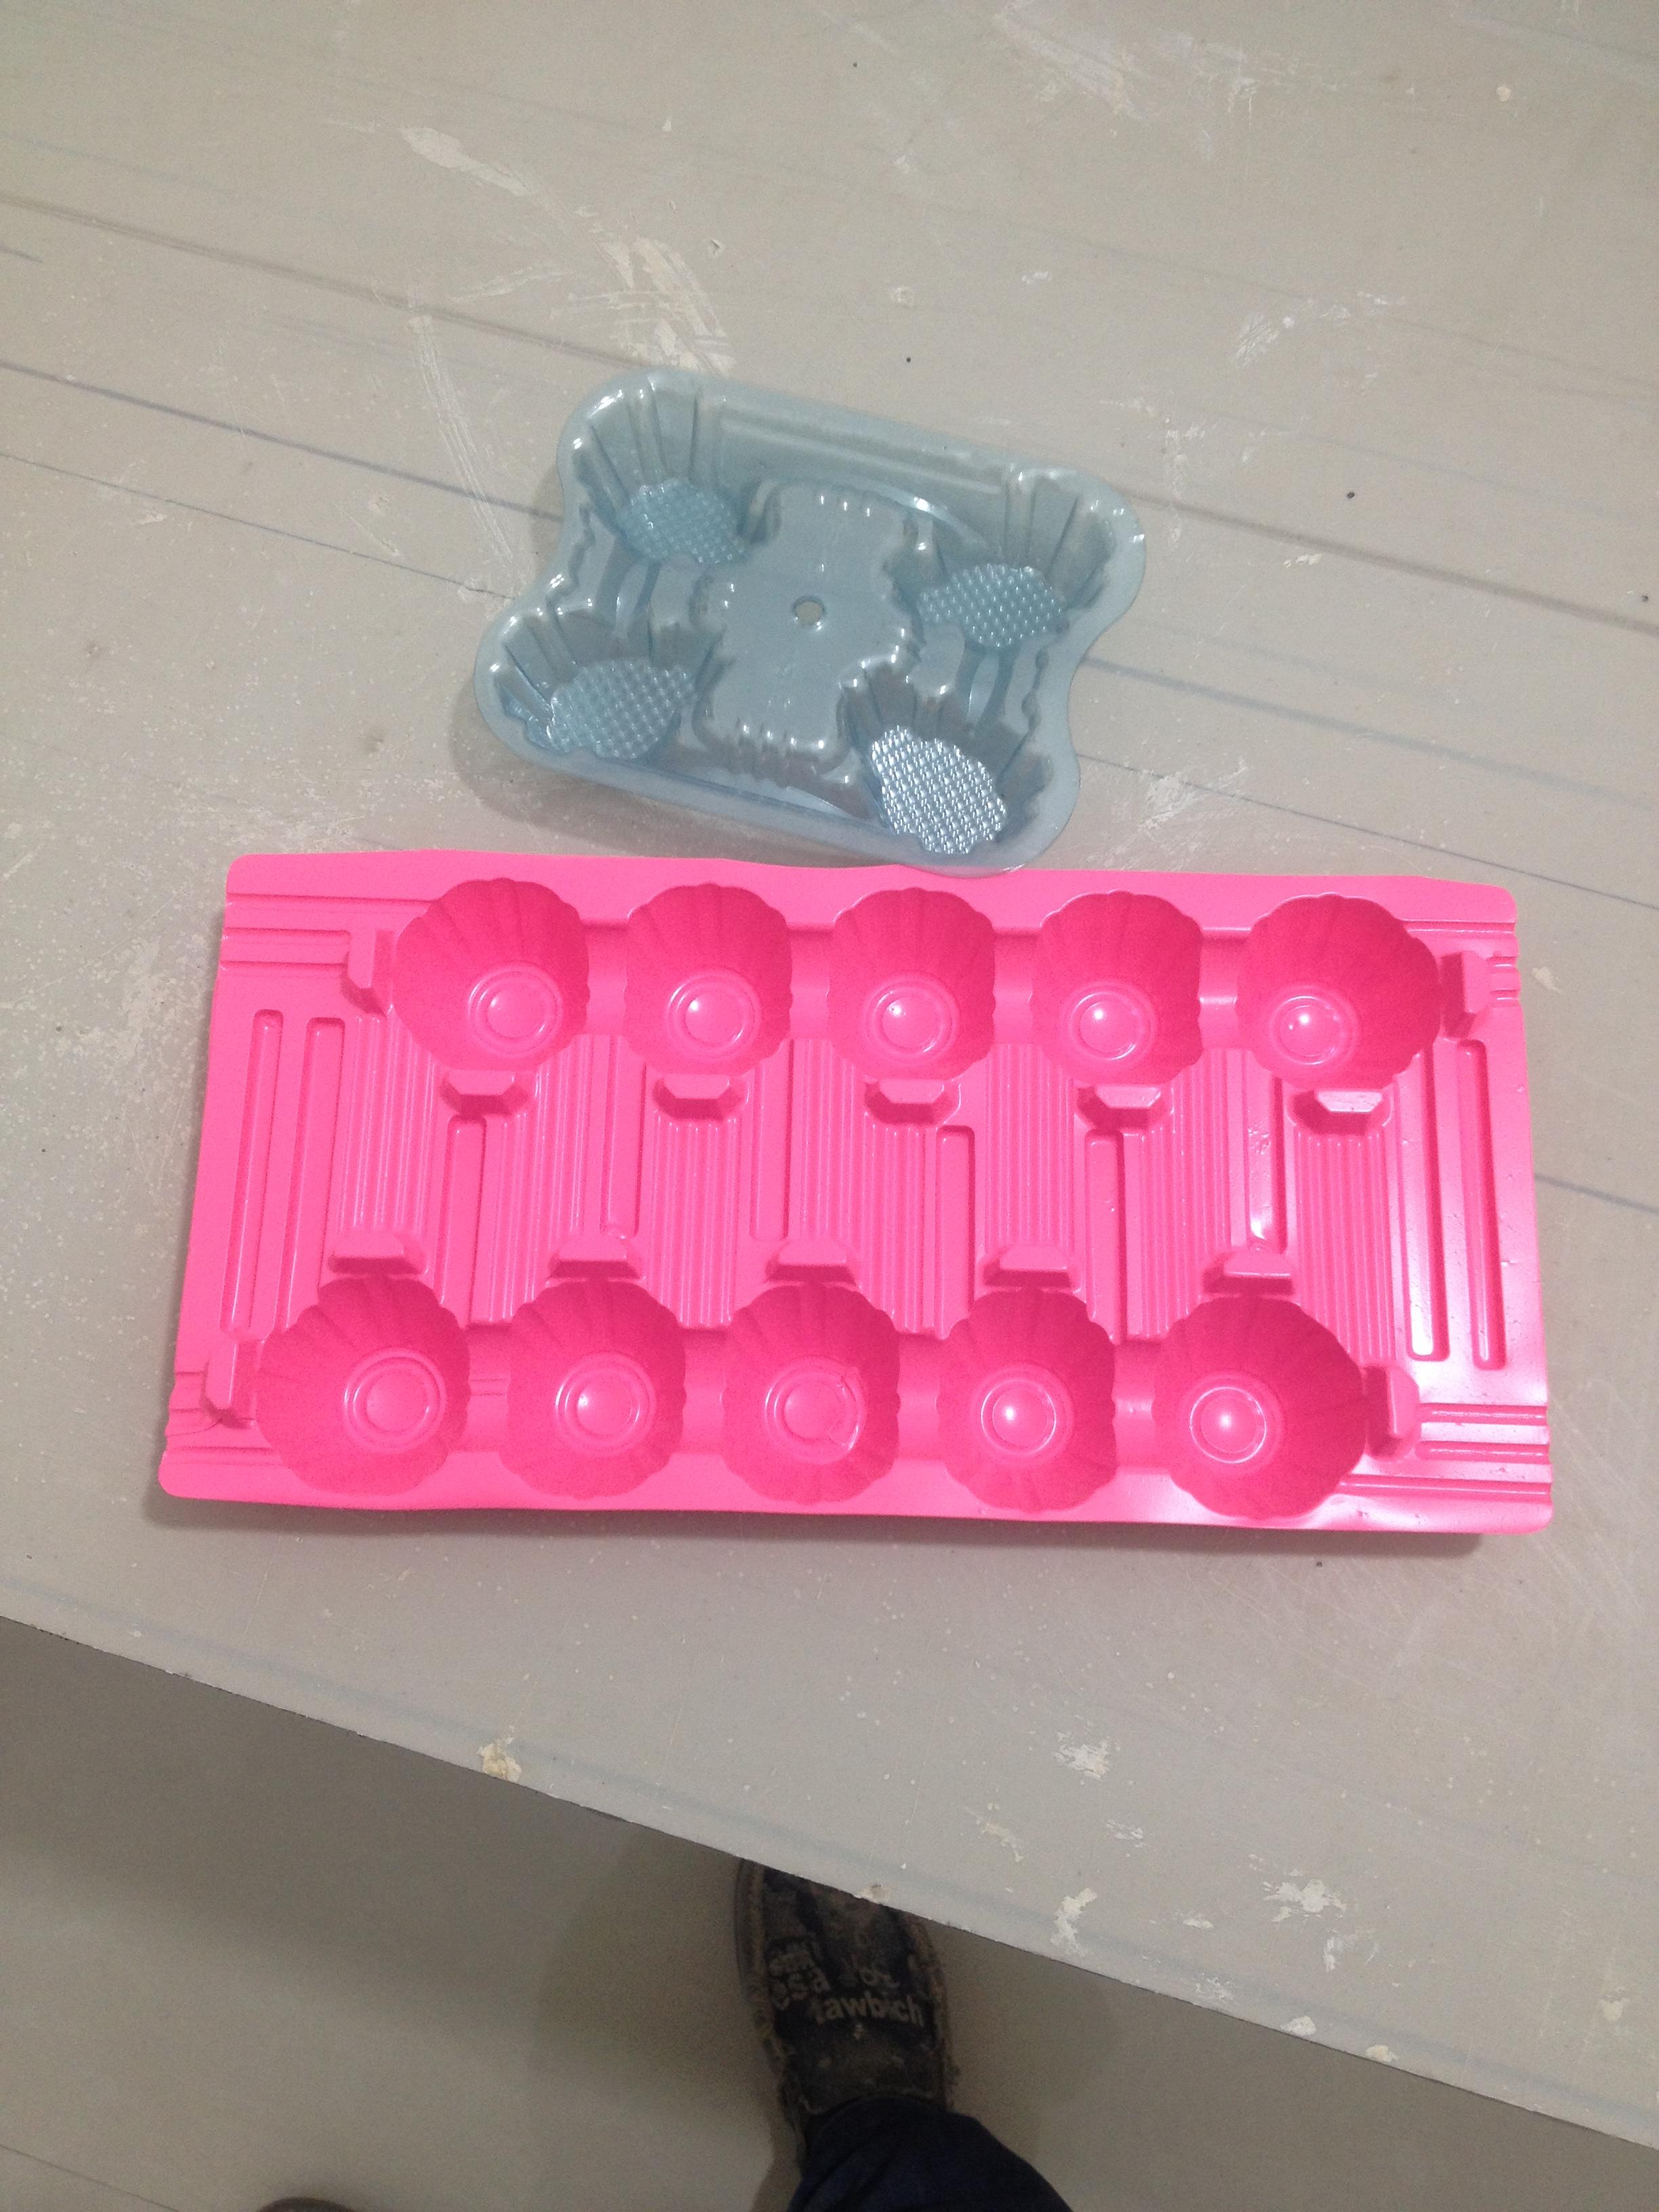 供应用于塑料包装的新疆乌鲁木齐吸塑鸡蛋托托